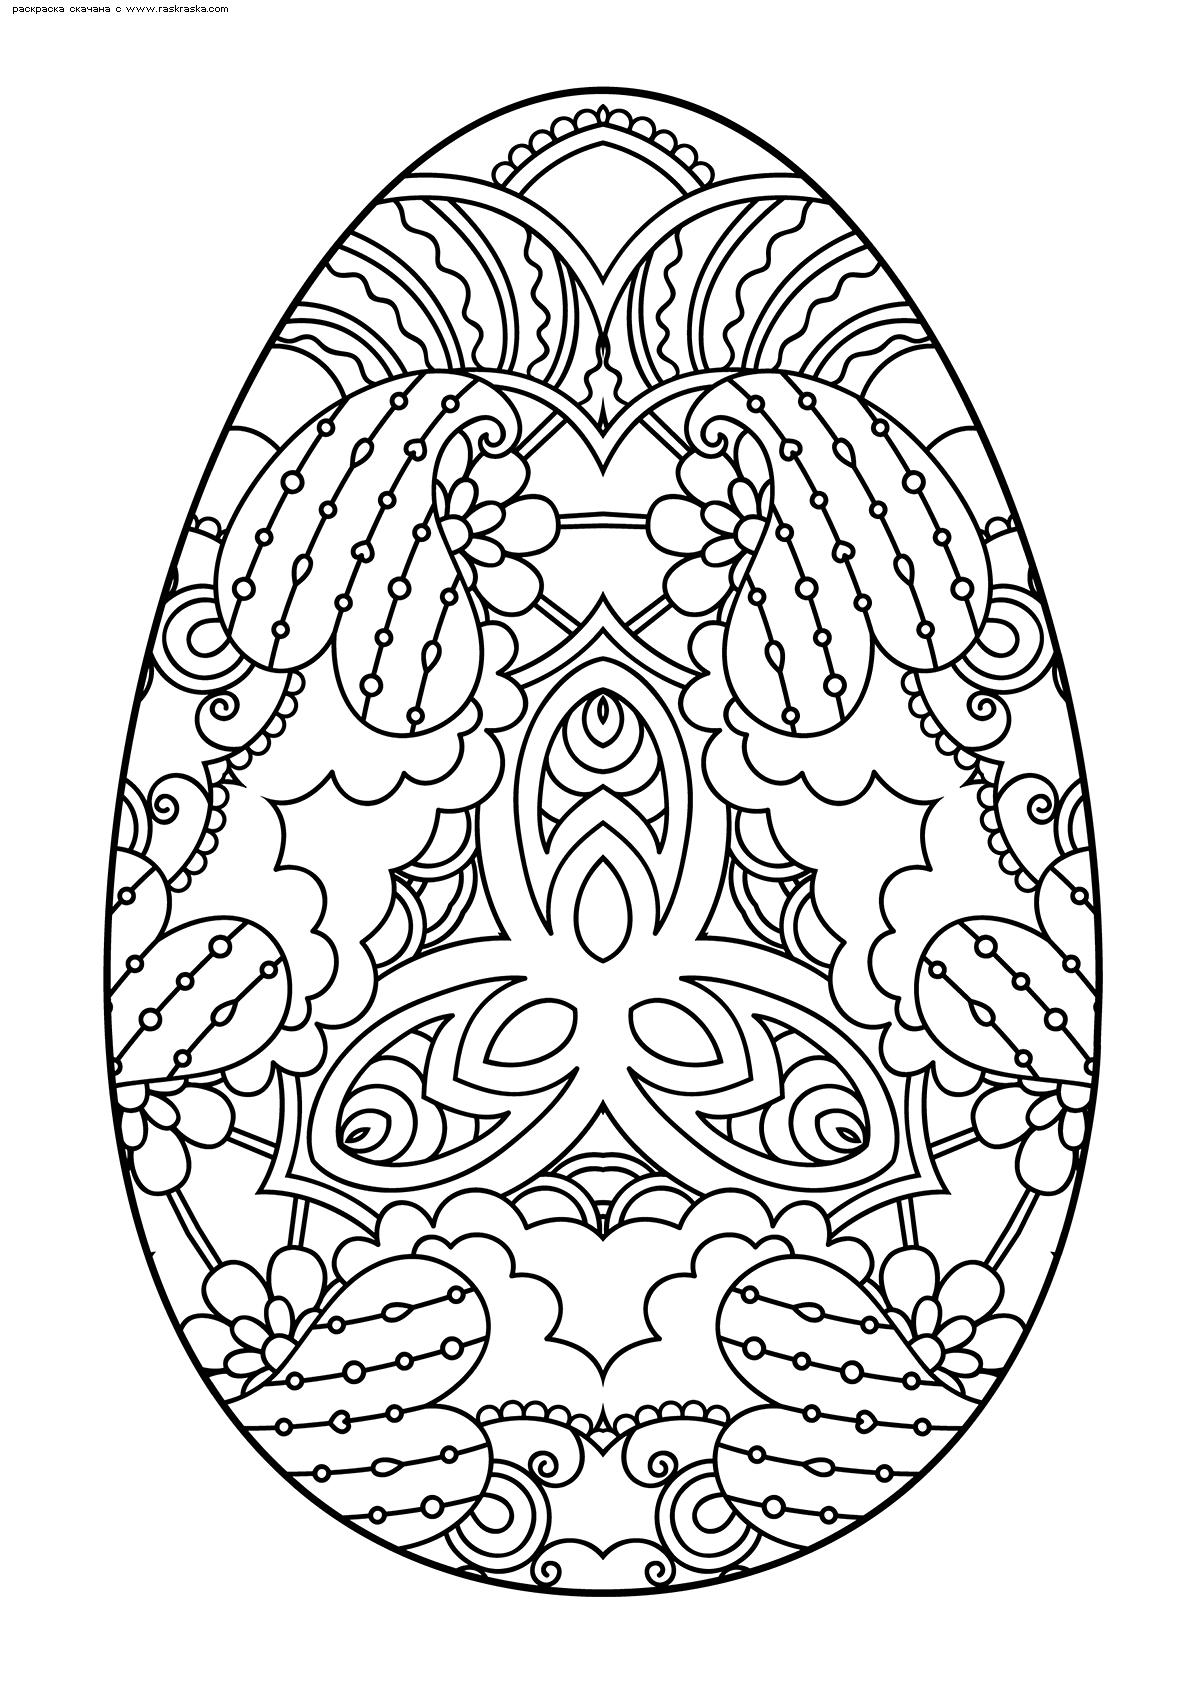 Раскраска Пасхальное яйцо. Раскраска Пасха, яйцо